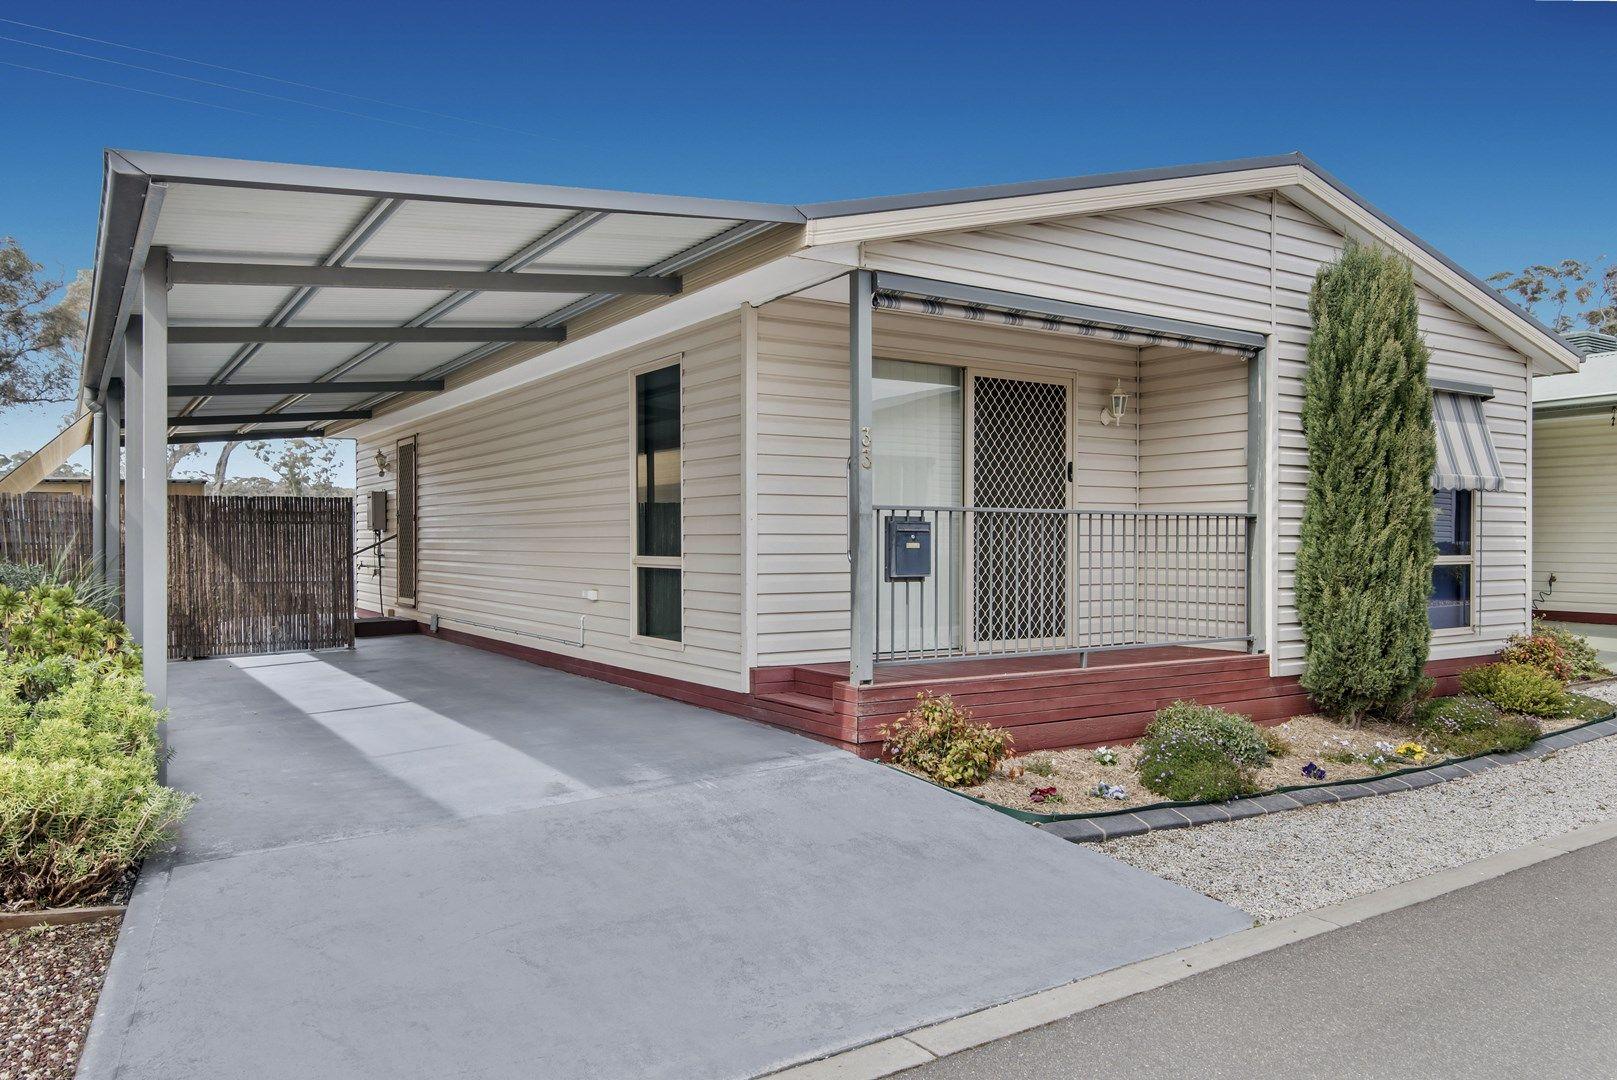 33/1-11 Furness Street, Kangaroo Flat VIC 3555, Image 0